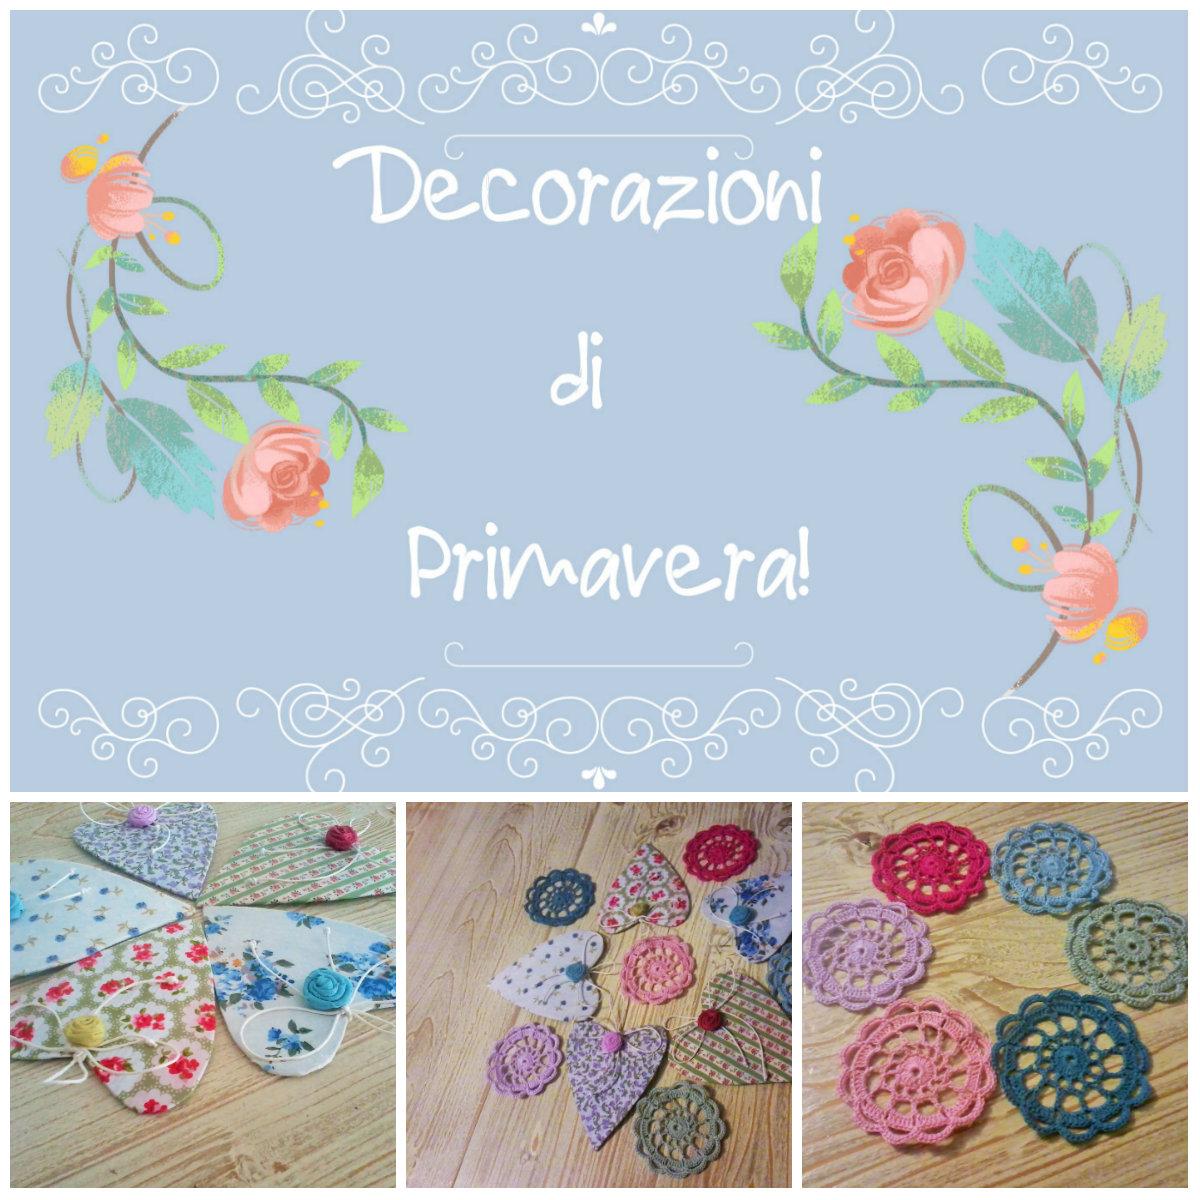 Silvia family dec decorazioni di primavera sparse - Decorazioni primavera ...